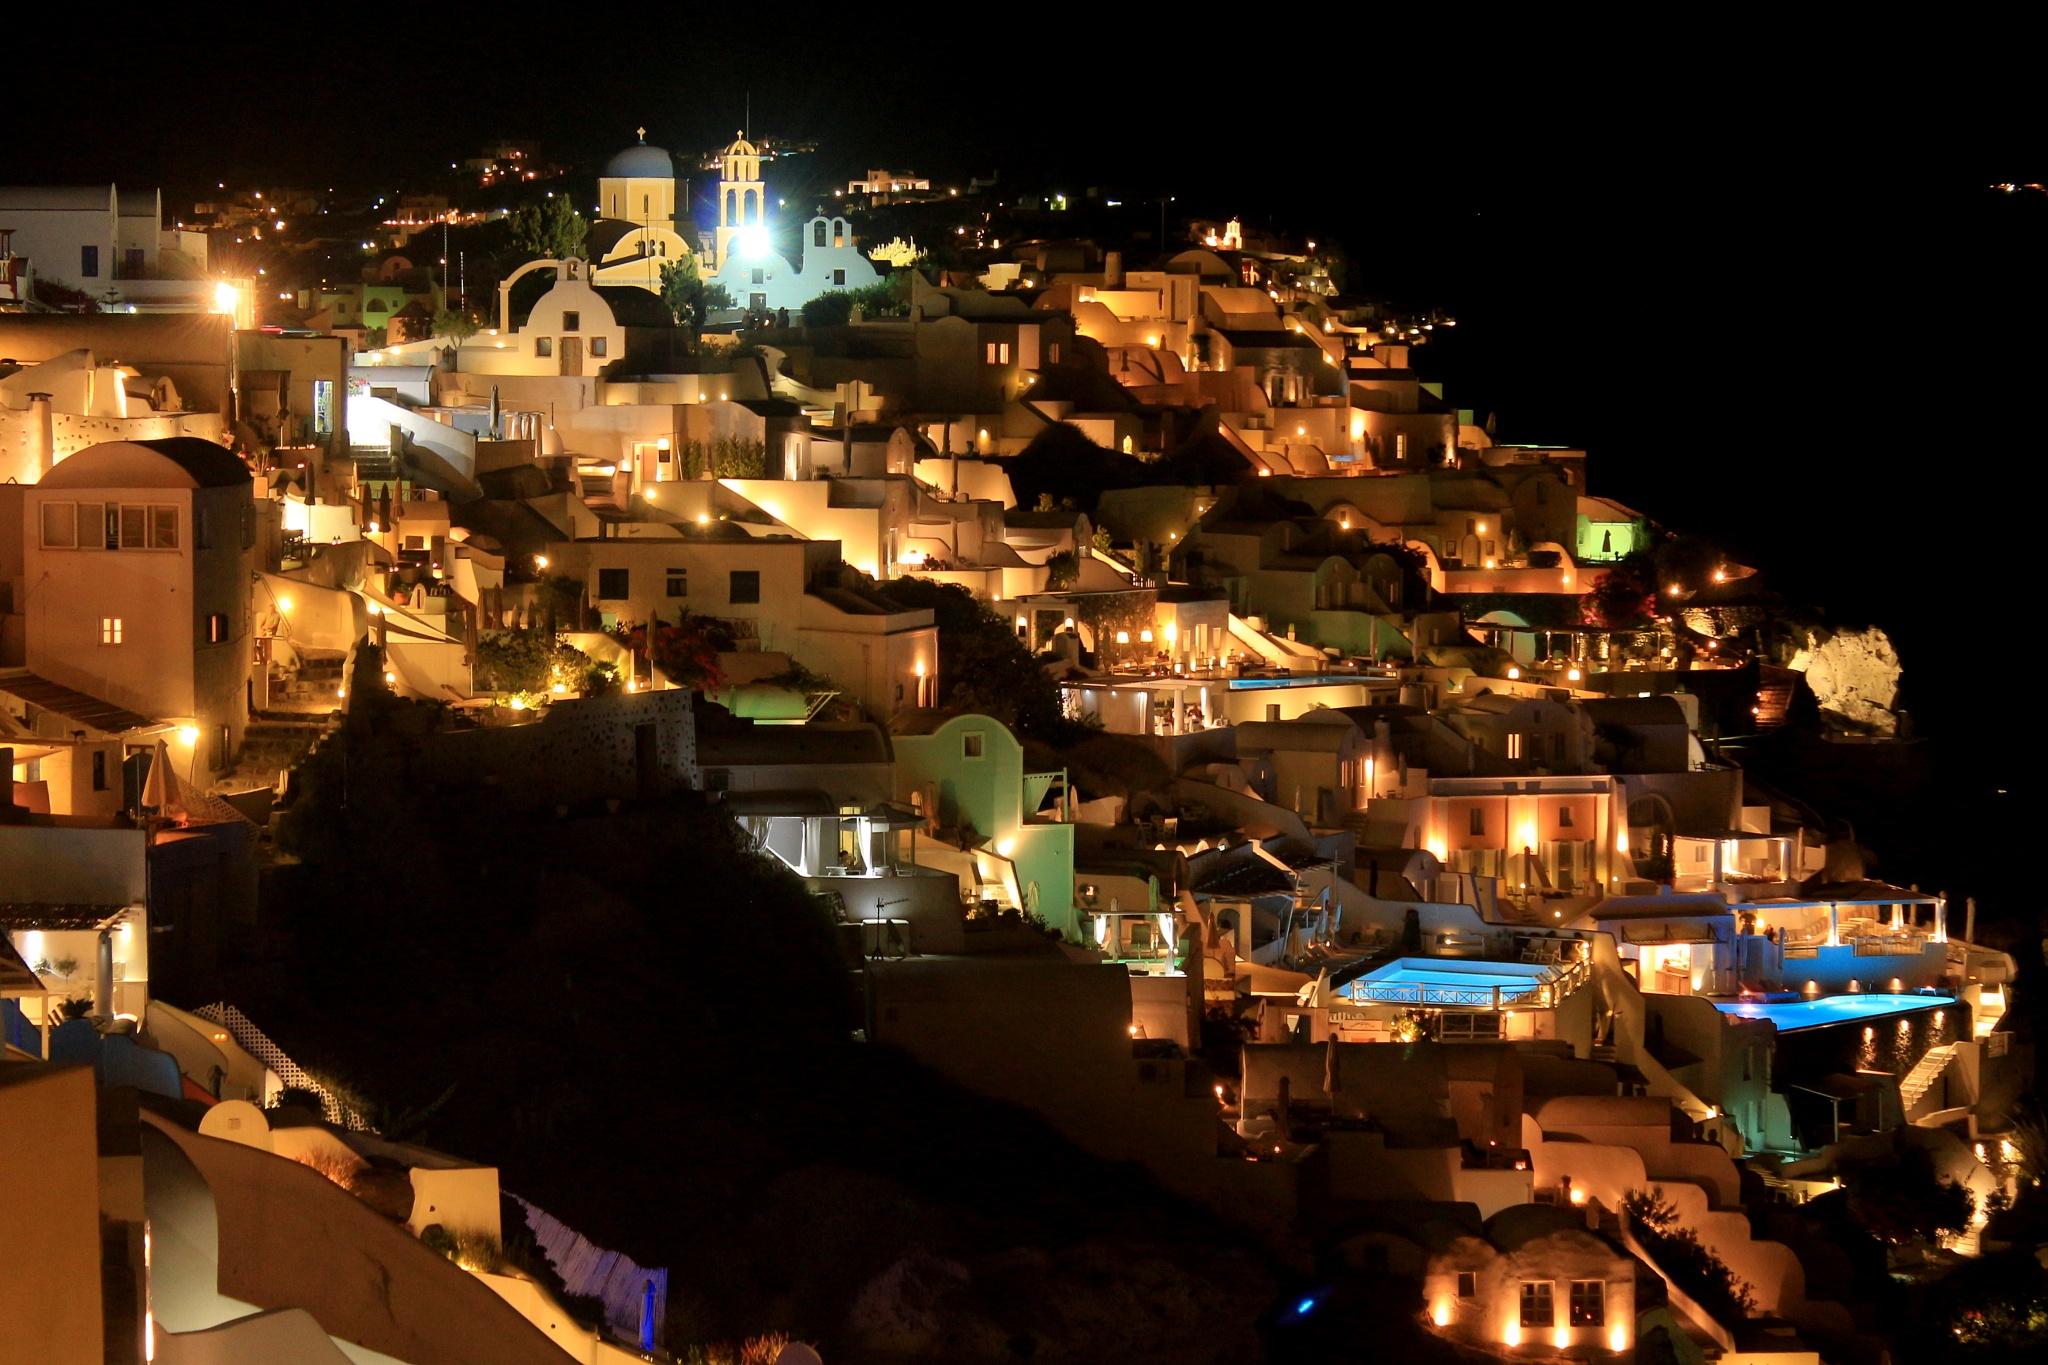 Oia by night, Santorini by katze